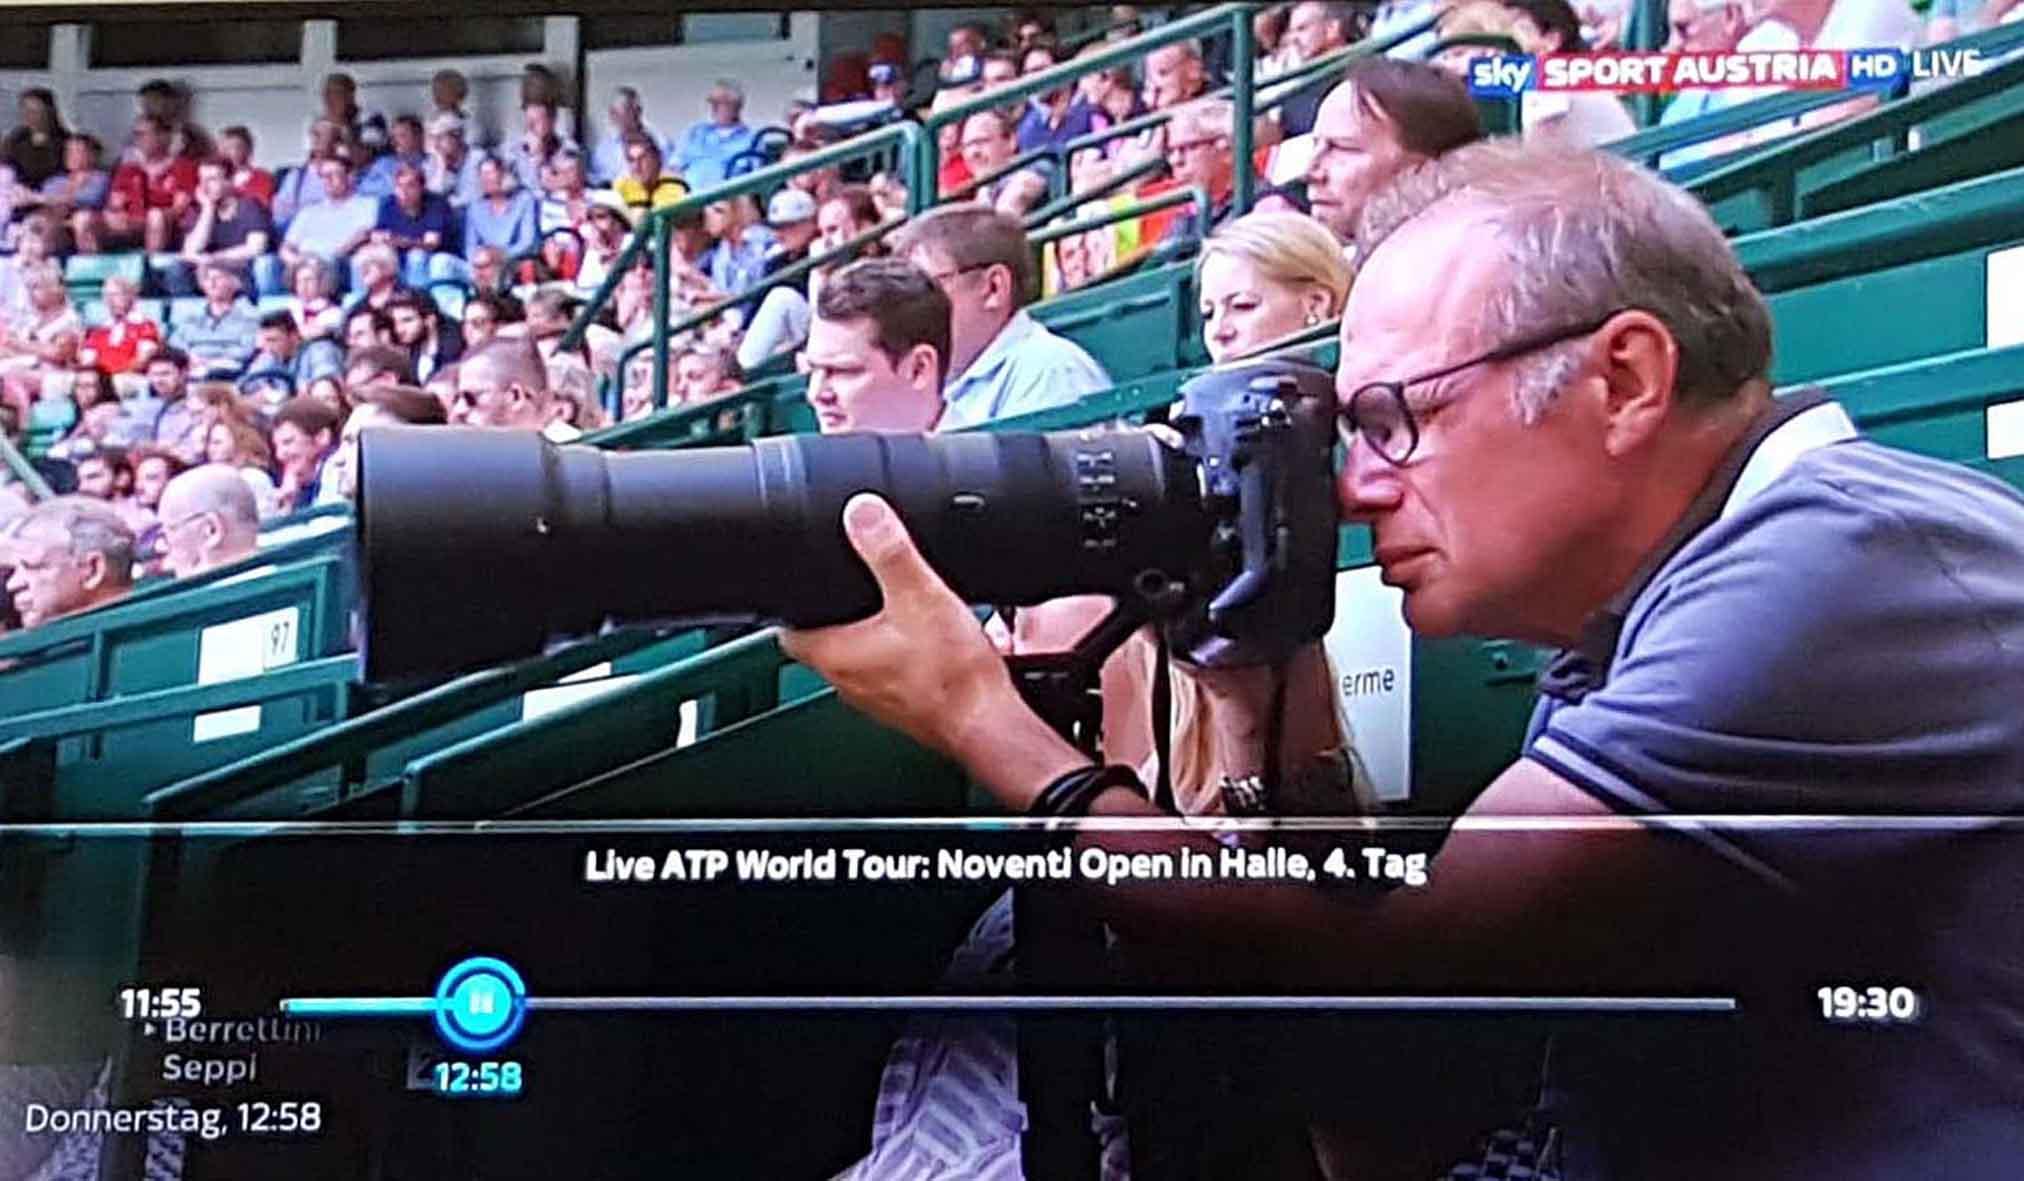 Live auf Sendung auf Sky Sport Austria bei den Noventi Open in Halle/Westfalen